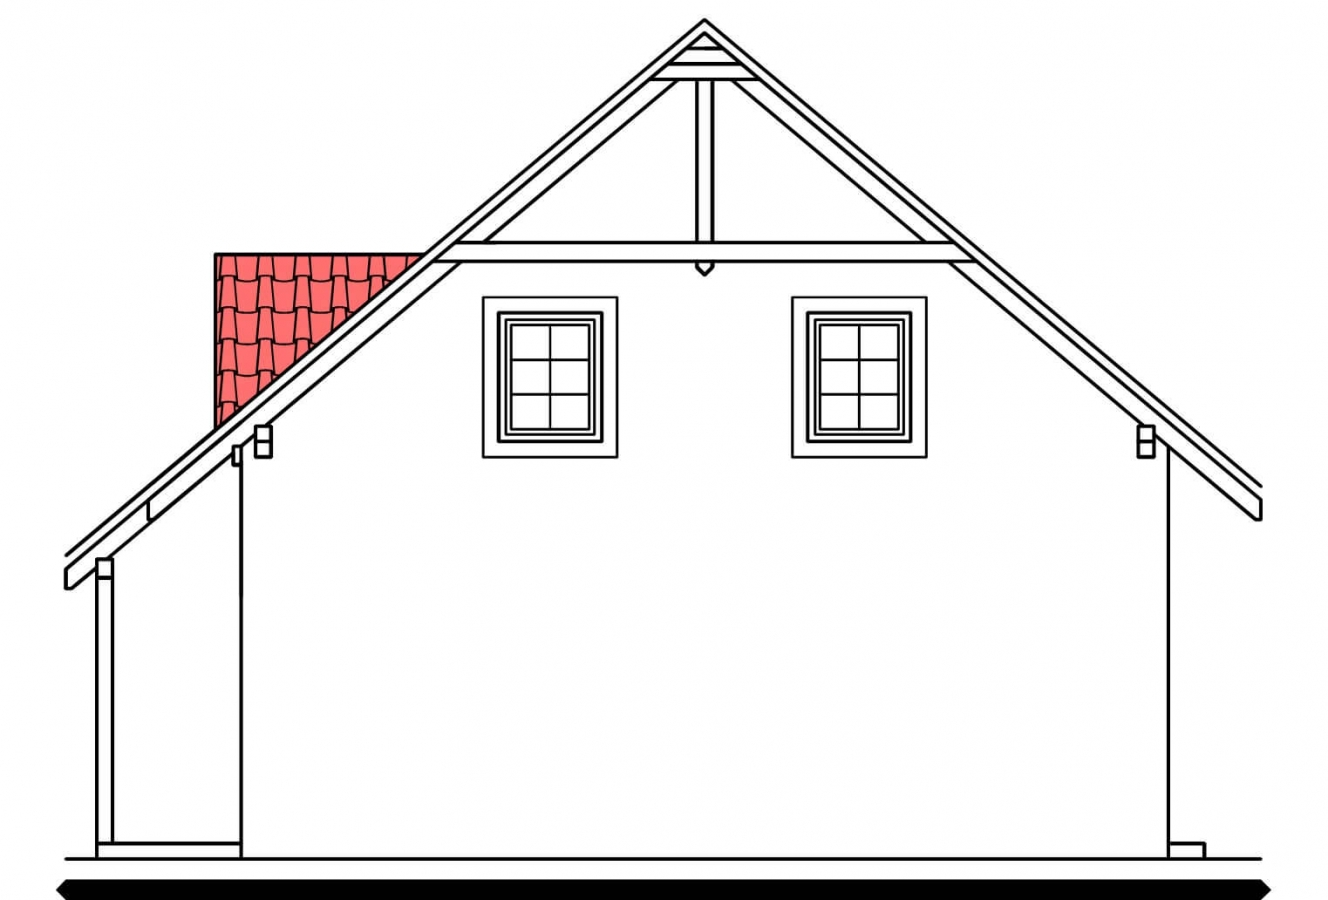 Pohľad 2. - Projekt podkrovného domu s krytou terasou.